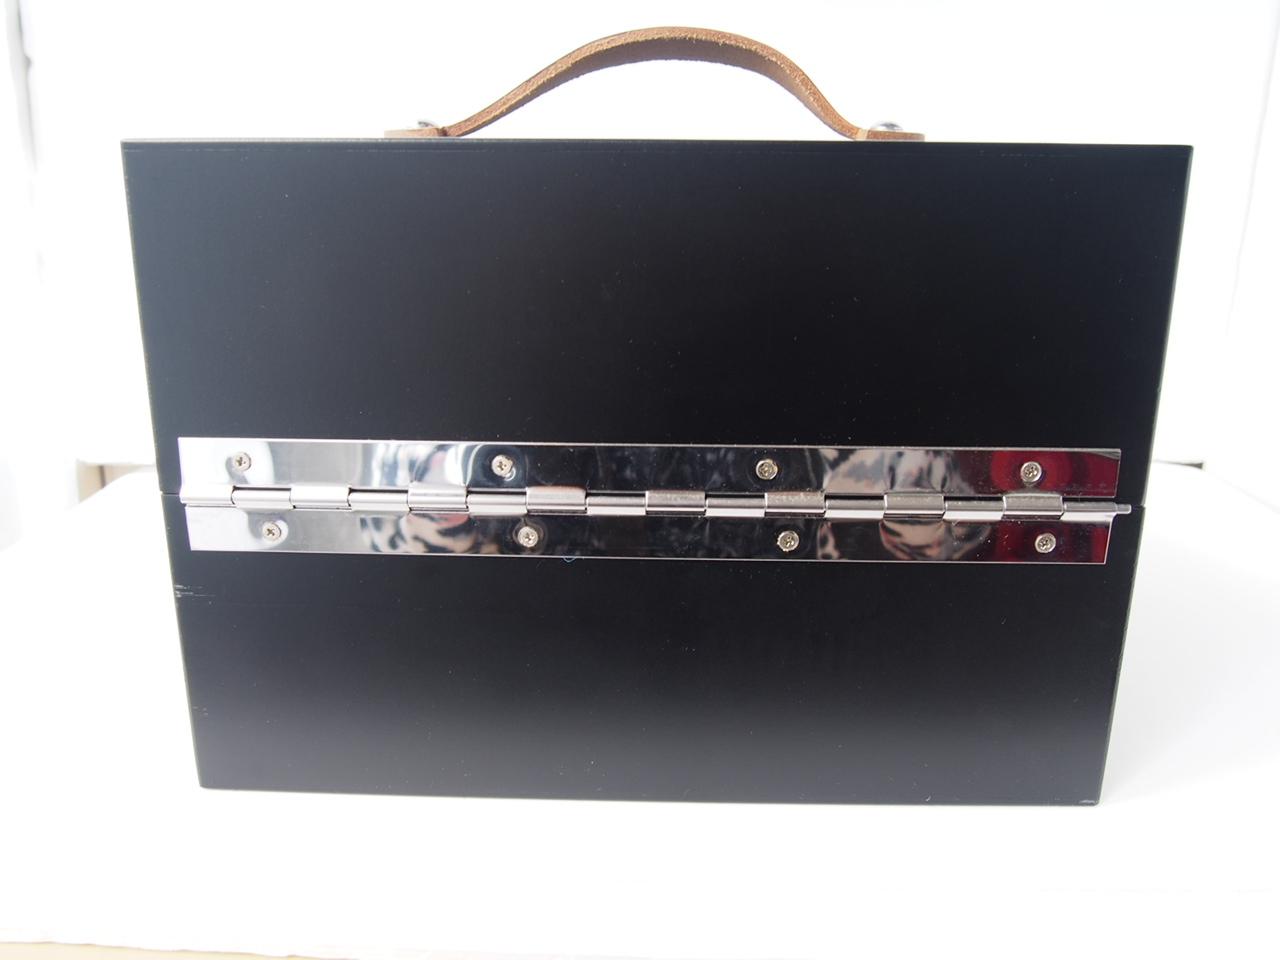 サフィール|SAPHIR|シューケアウッドボックス|靴磨きブラシ収納ボックス【木箱のみの単品販売】イメージ03